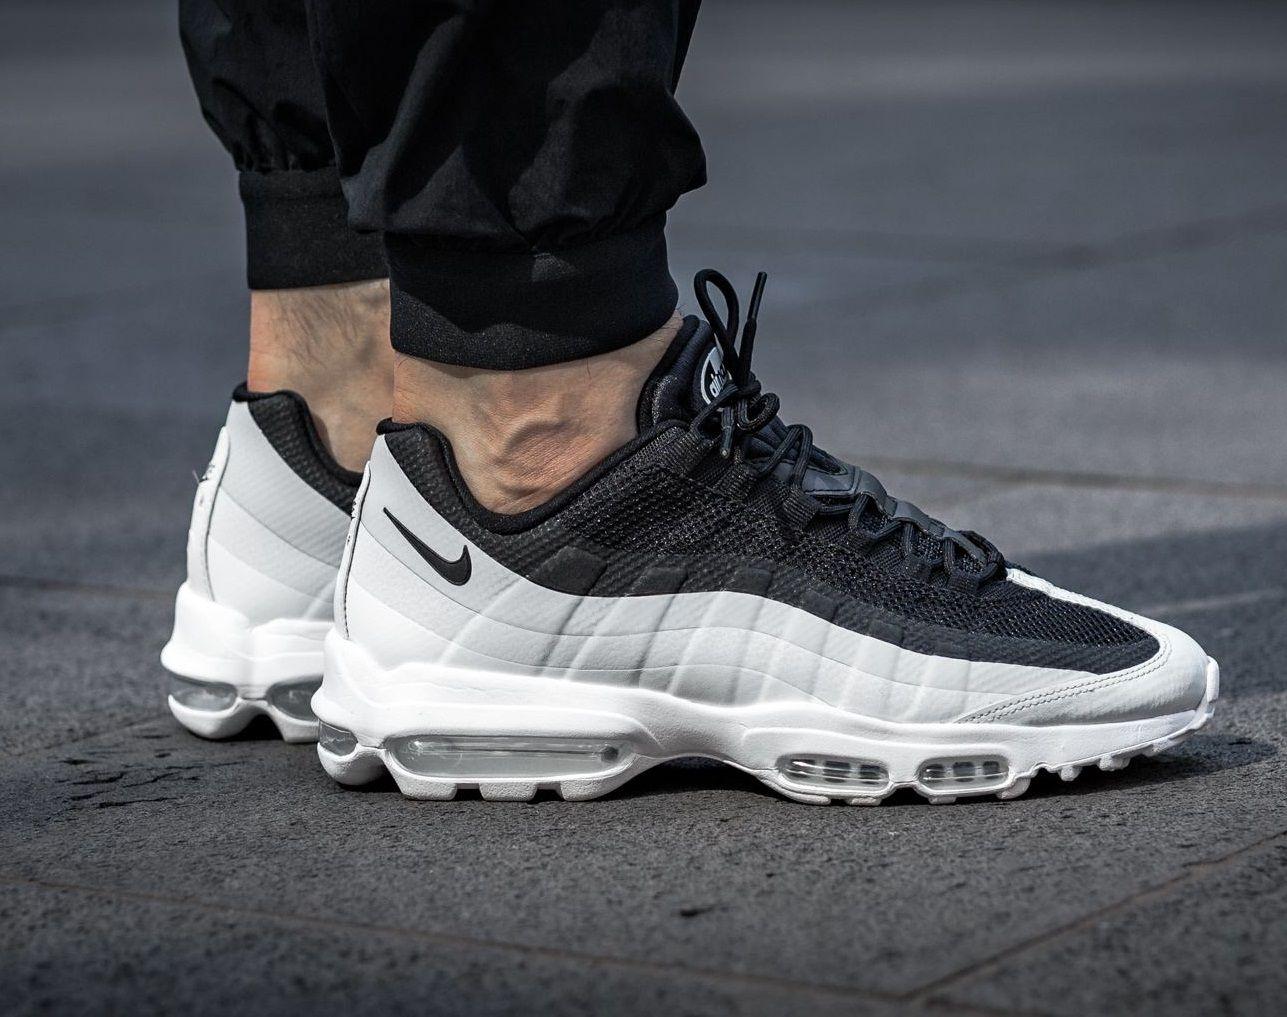 Nike Air Max 95 Ultra Essential chaussures blackwhite